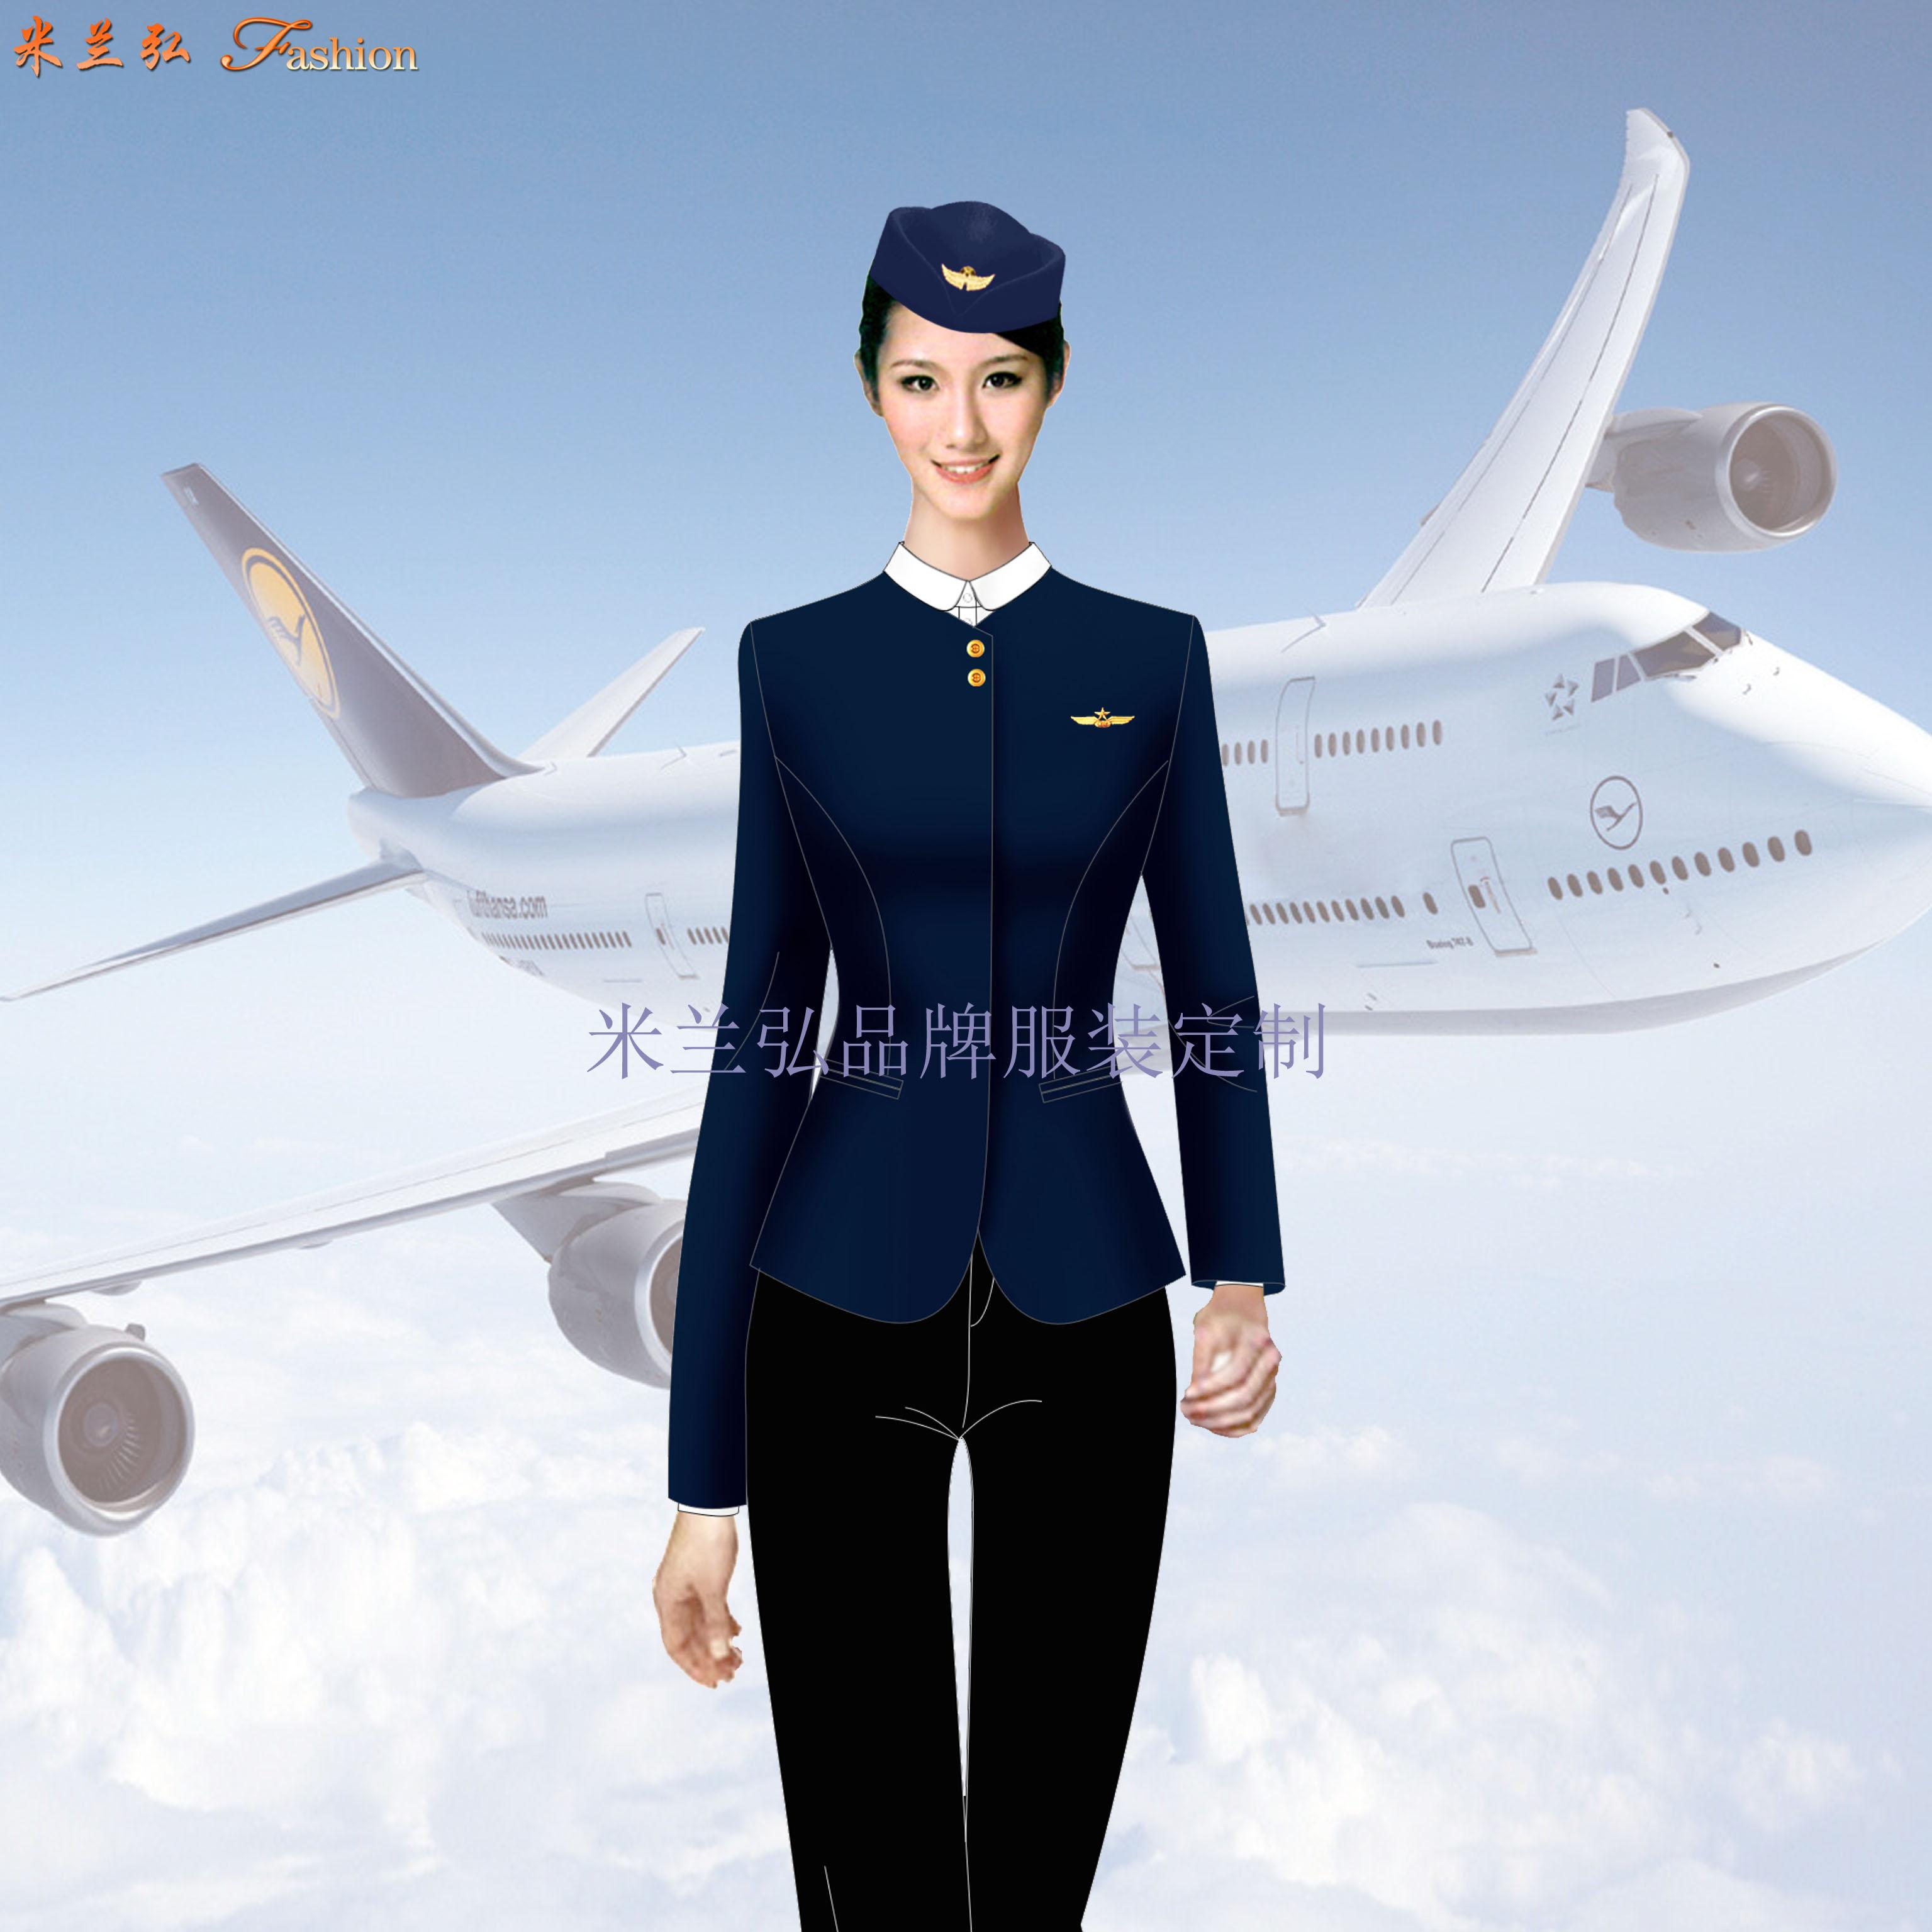 汽車站服裝定做-長途汽車站女式西服職業裝-米蘭弘服裝廠家-4